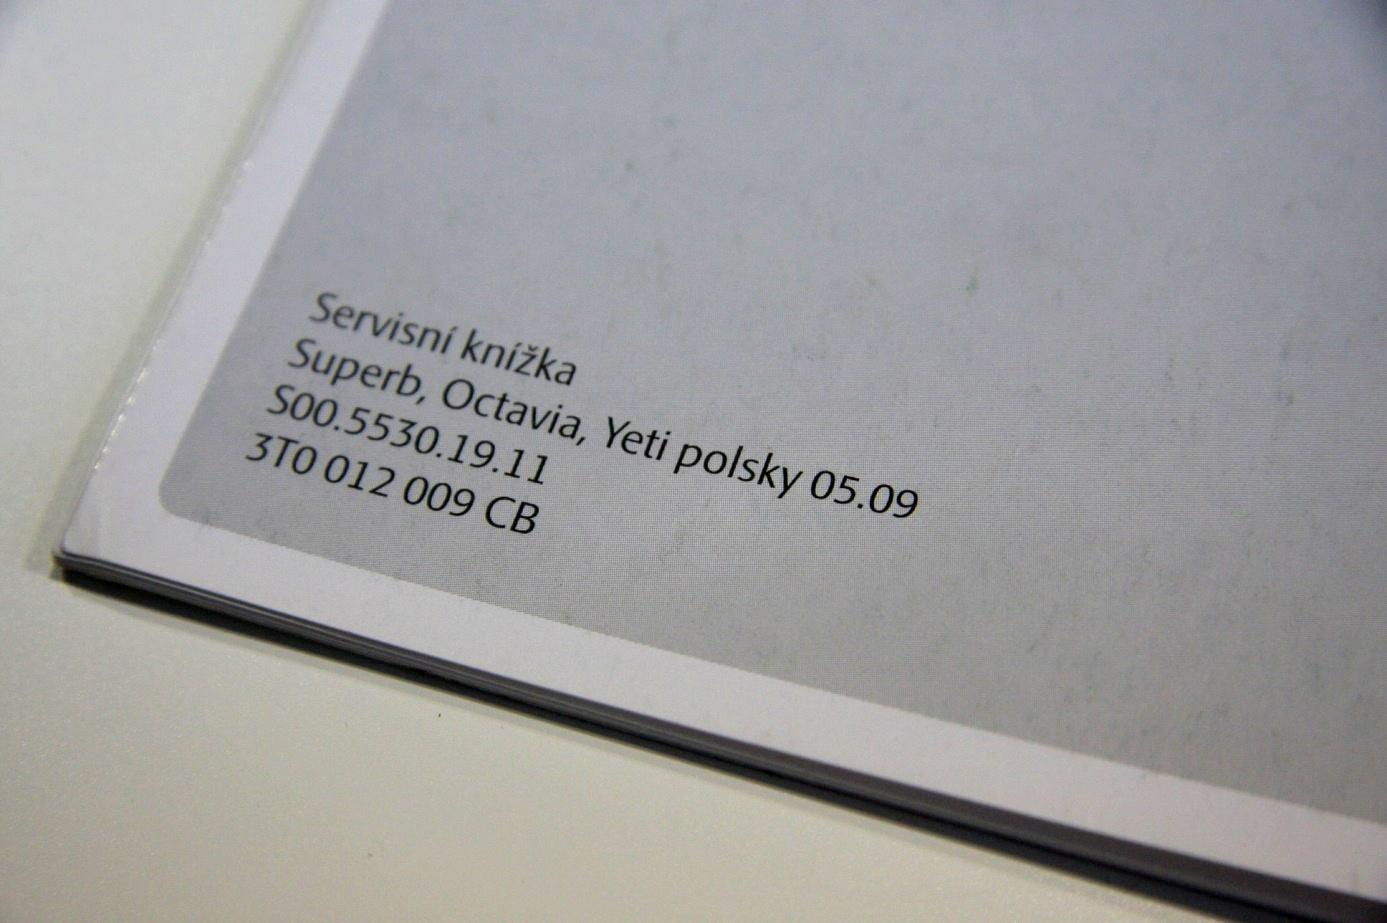 Każda książka serwisowa ma zapisaną datę druku. Łatwo więc sprawdzić, czy nie mamy do czynienia z oszustwem.